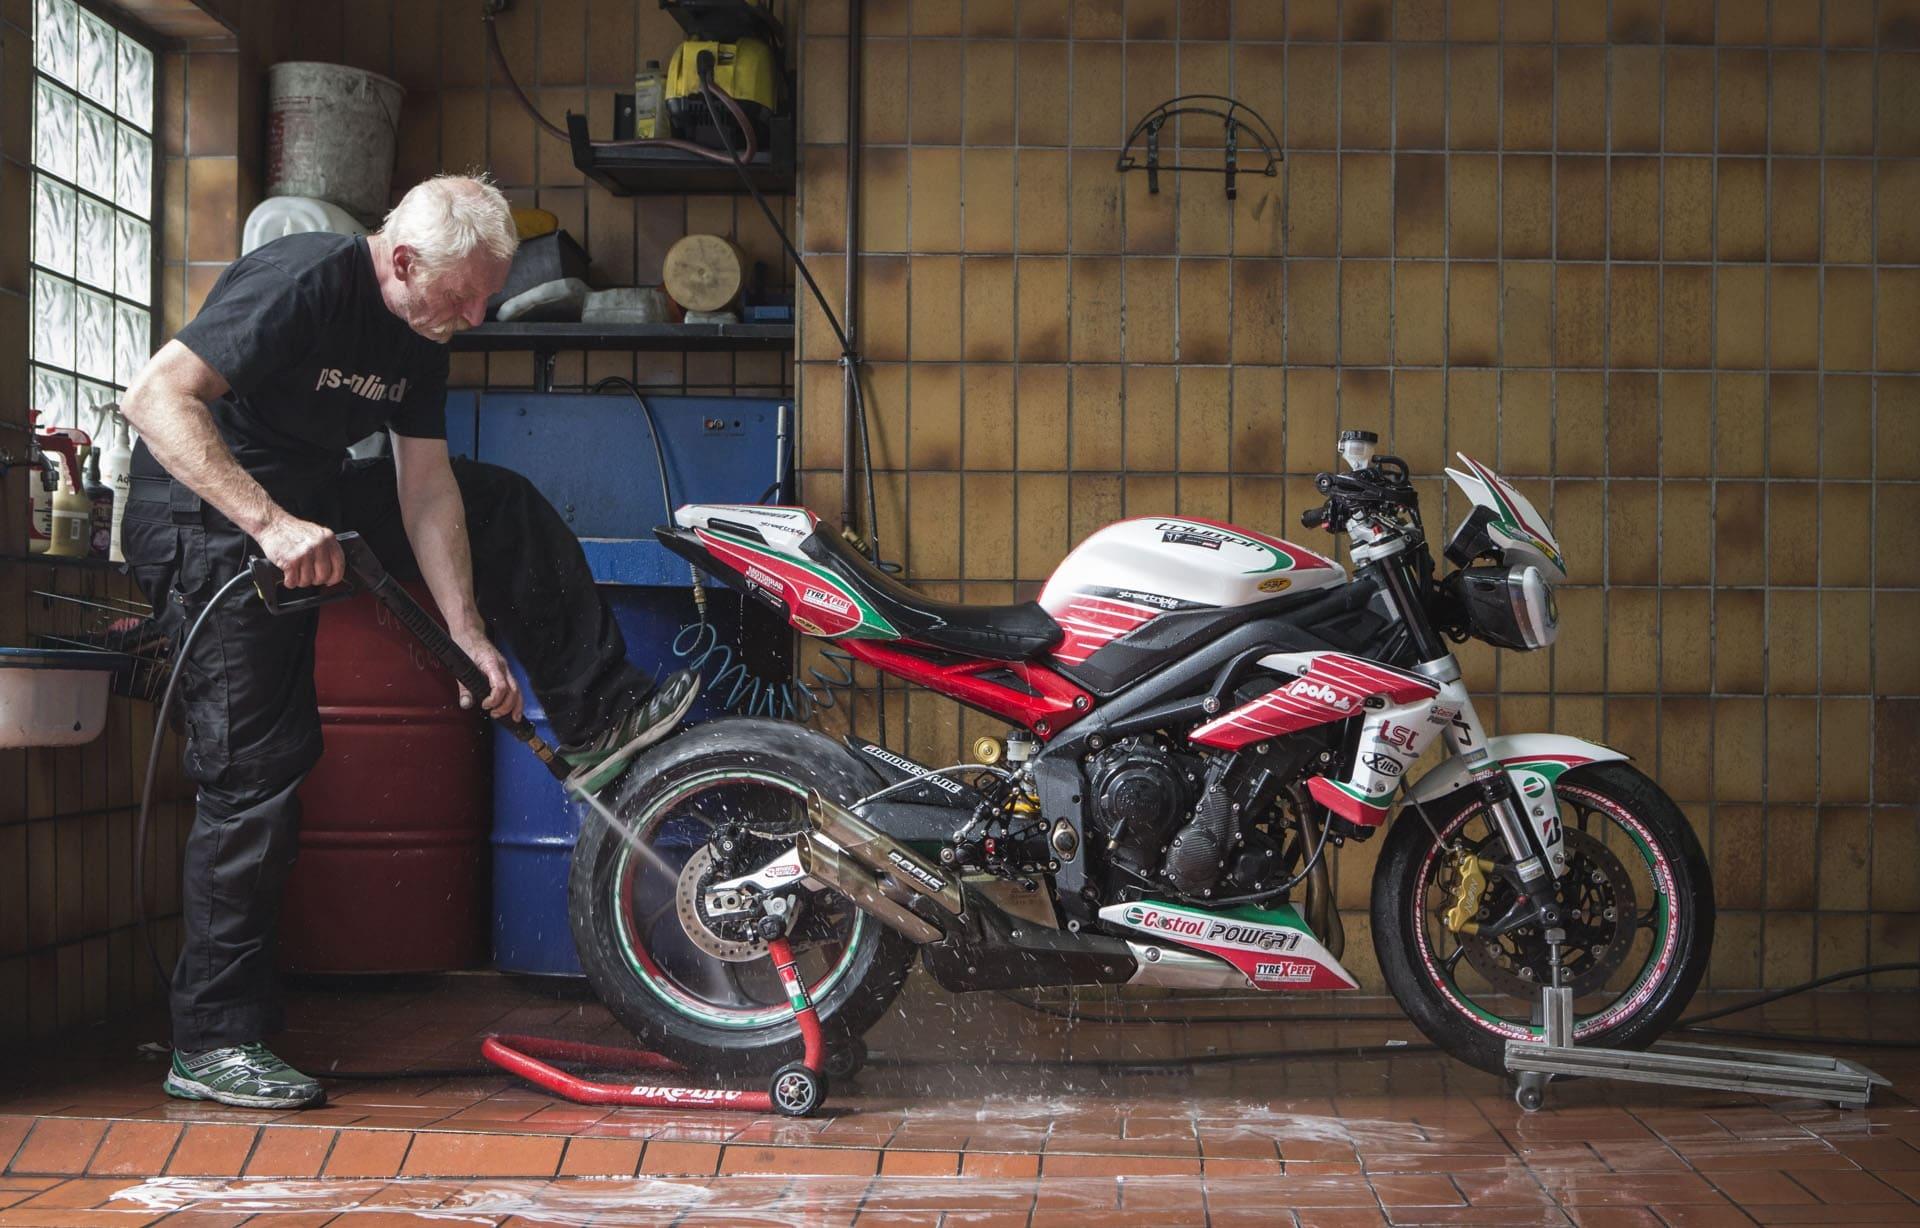 Kinh nghiệm mở tiệm rửa xe máy cho người mới bắt đầu